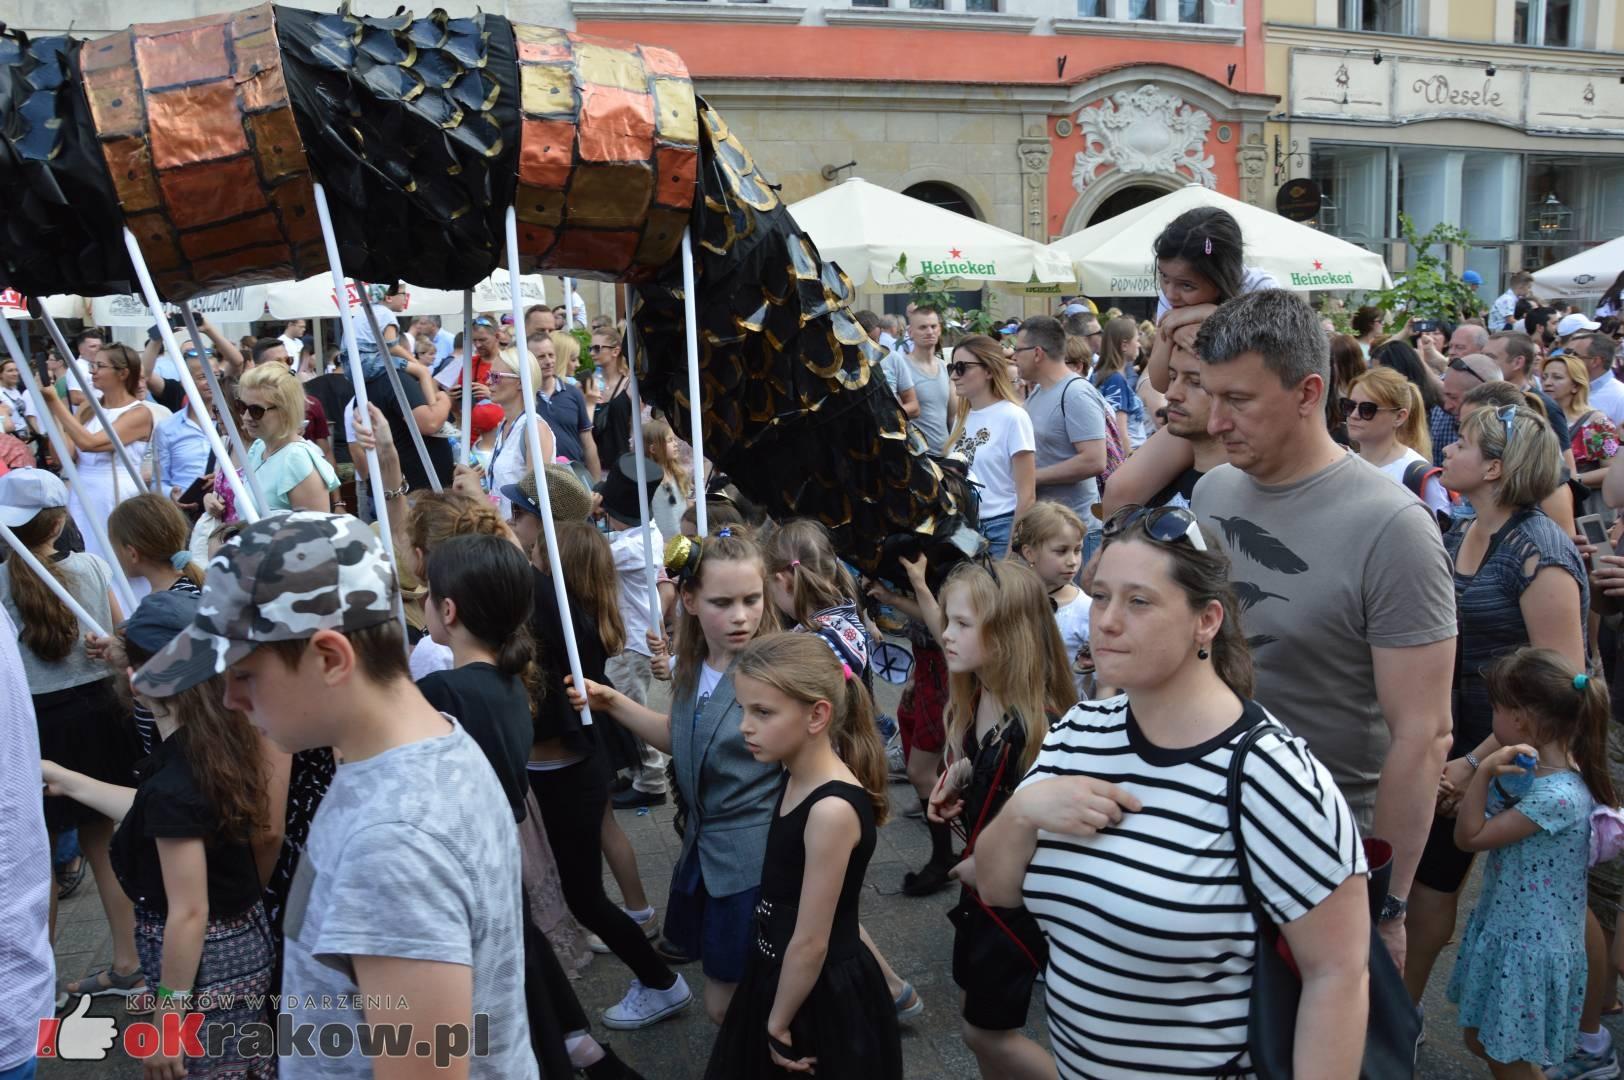 wielka parada smokow przeszla przez krakow w 40 smokow do okola swiata 2019 299 150x150 - Parada Smoków przeszła przez Kraków. Obszerna galeria zdjęć - 2 czerwca 2019 w Krakowie